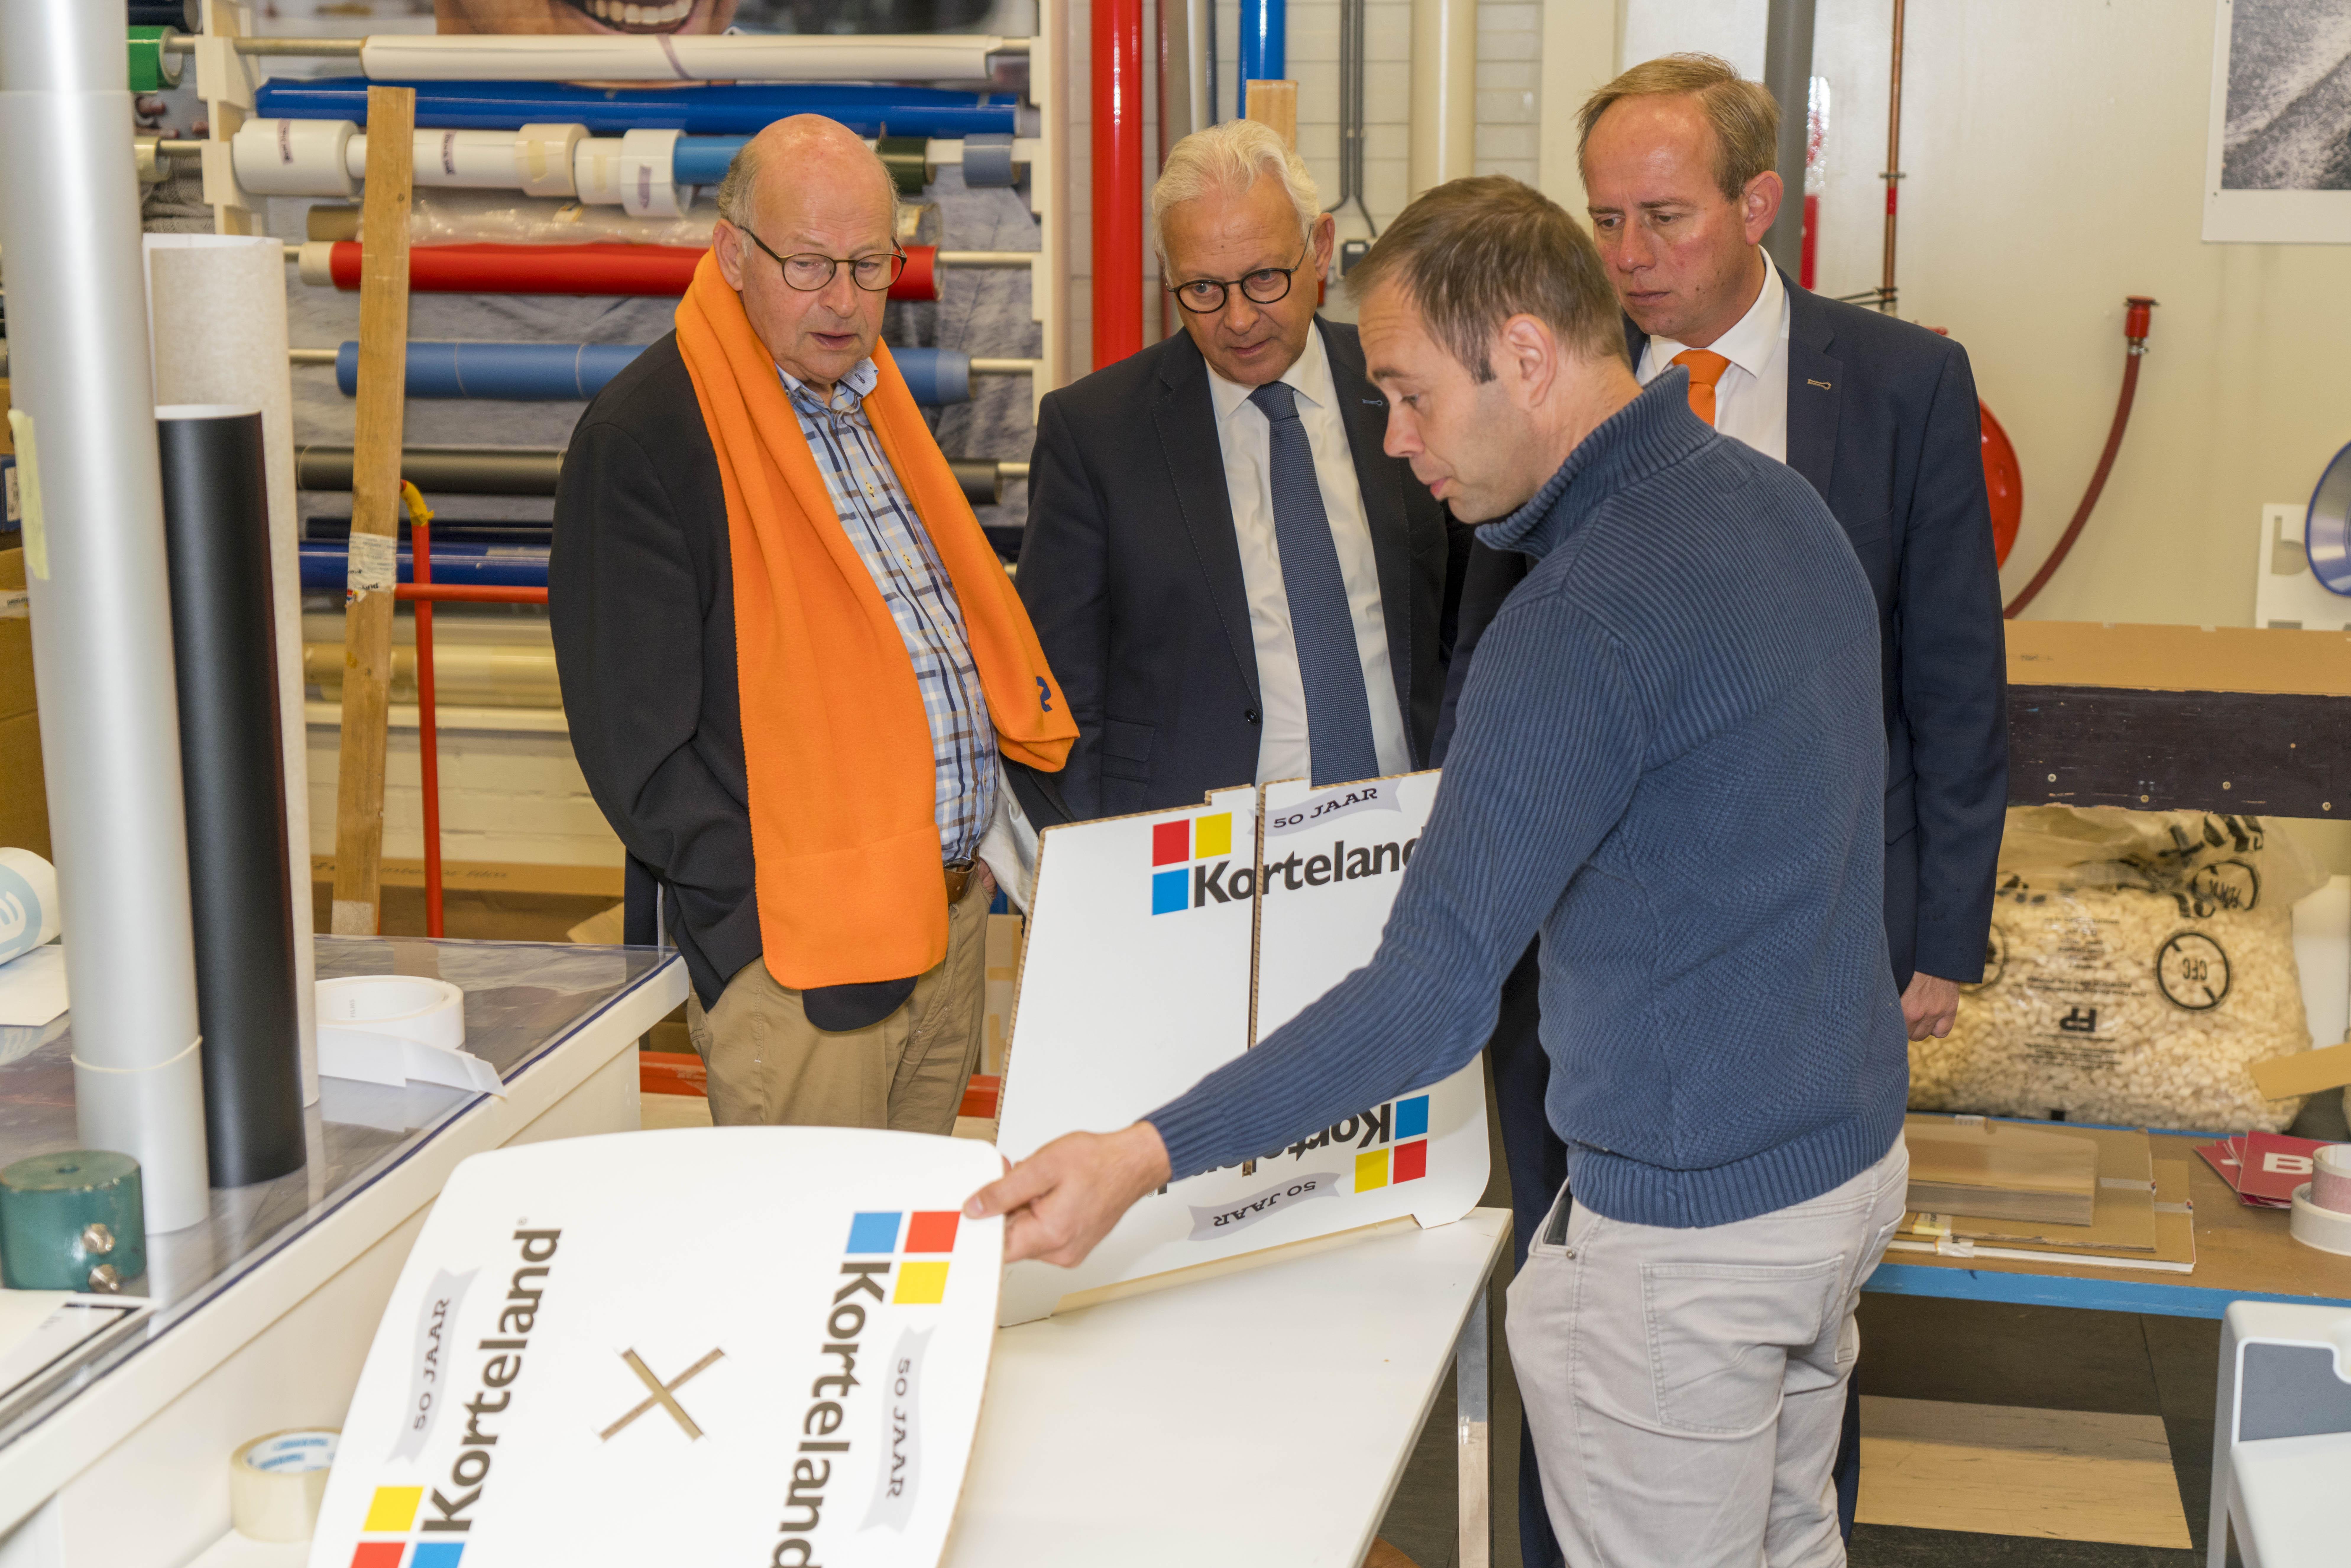 SGP Campagne Molenlanden door Korteland